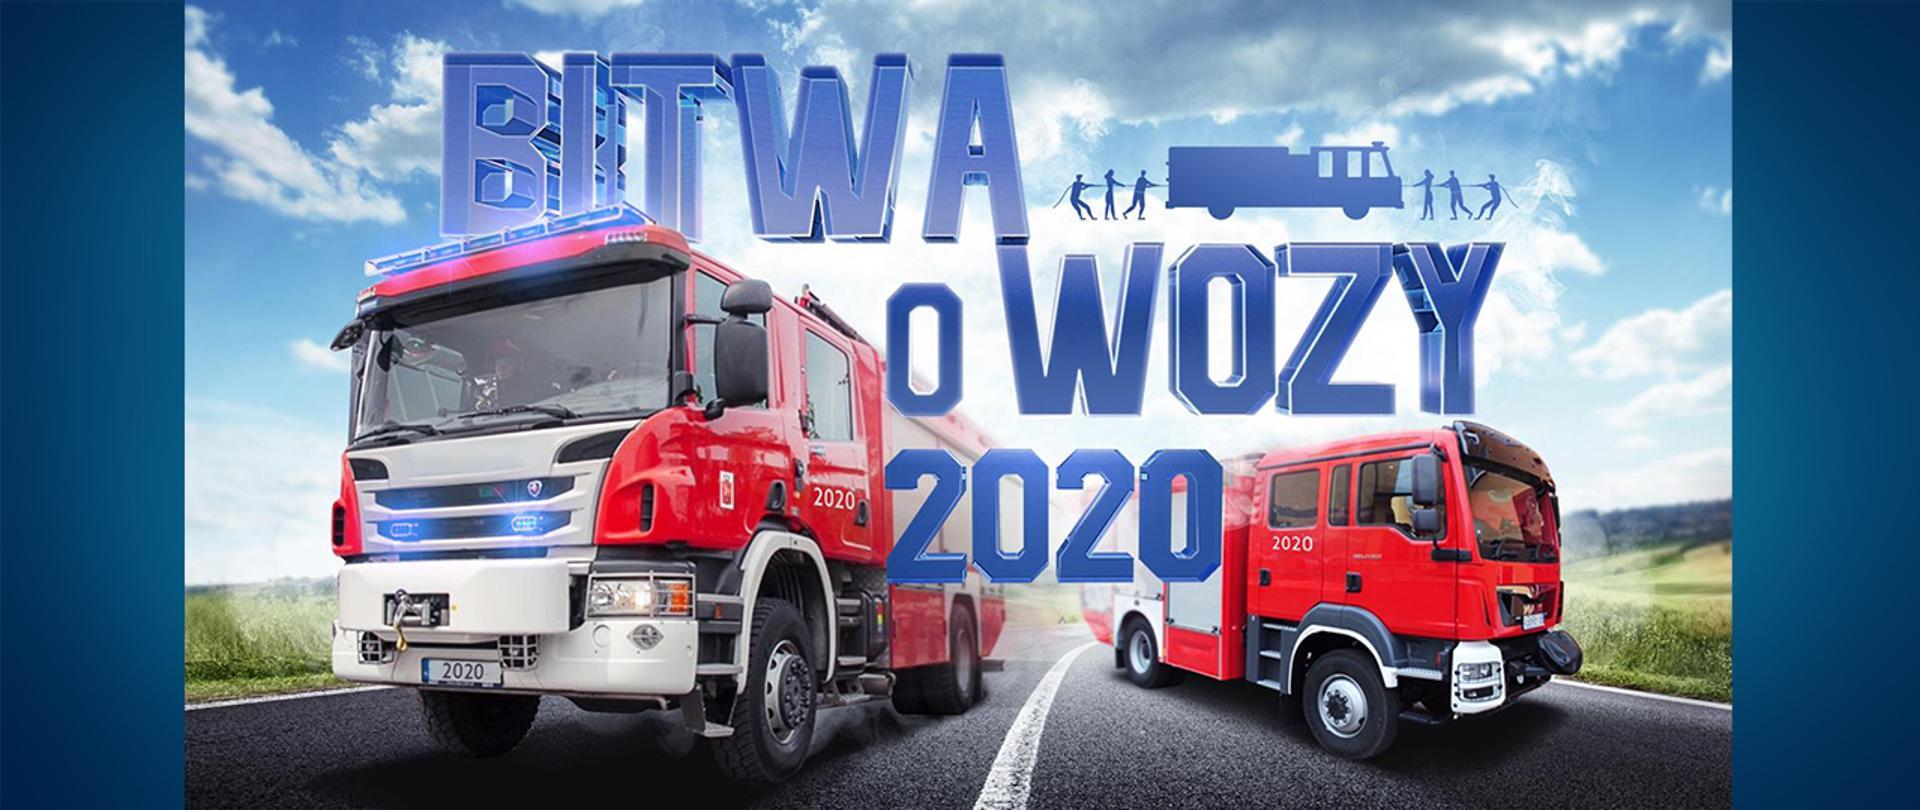 """Grafika promująca akcję profrekwencyjną MSWiA, na której widnieją dwa wozy ratowniczo-gaśnicze pędzące ulicą oraz napis: """"Bitwa o wozy 2020""""."""